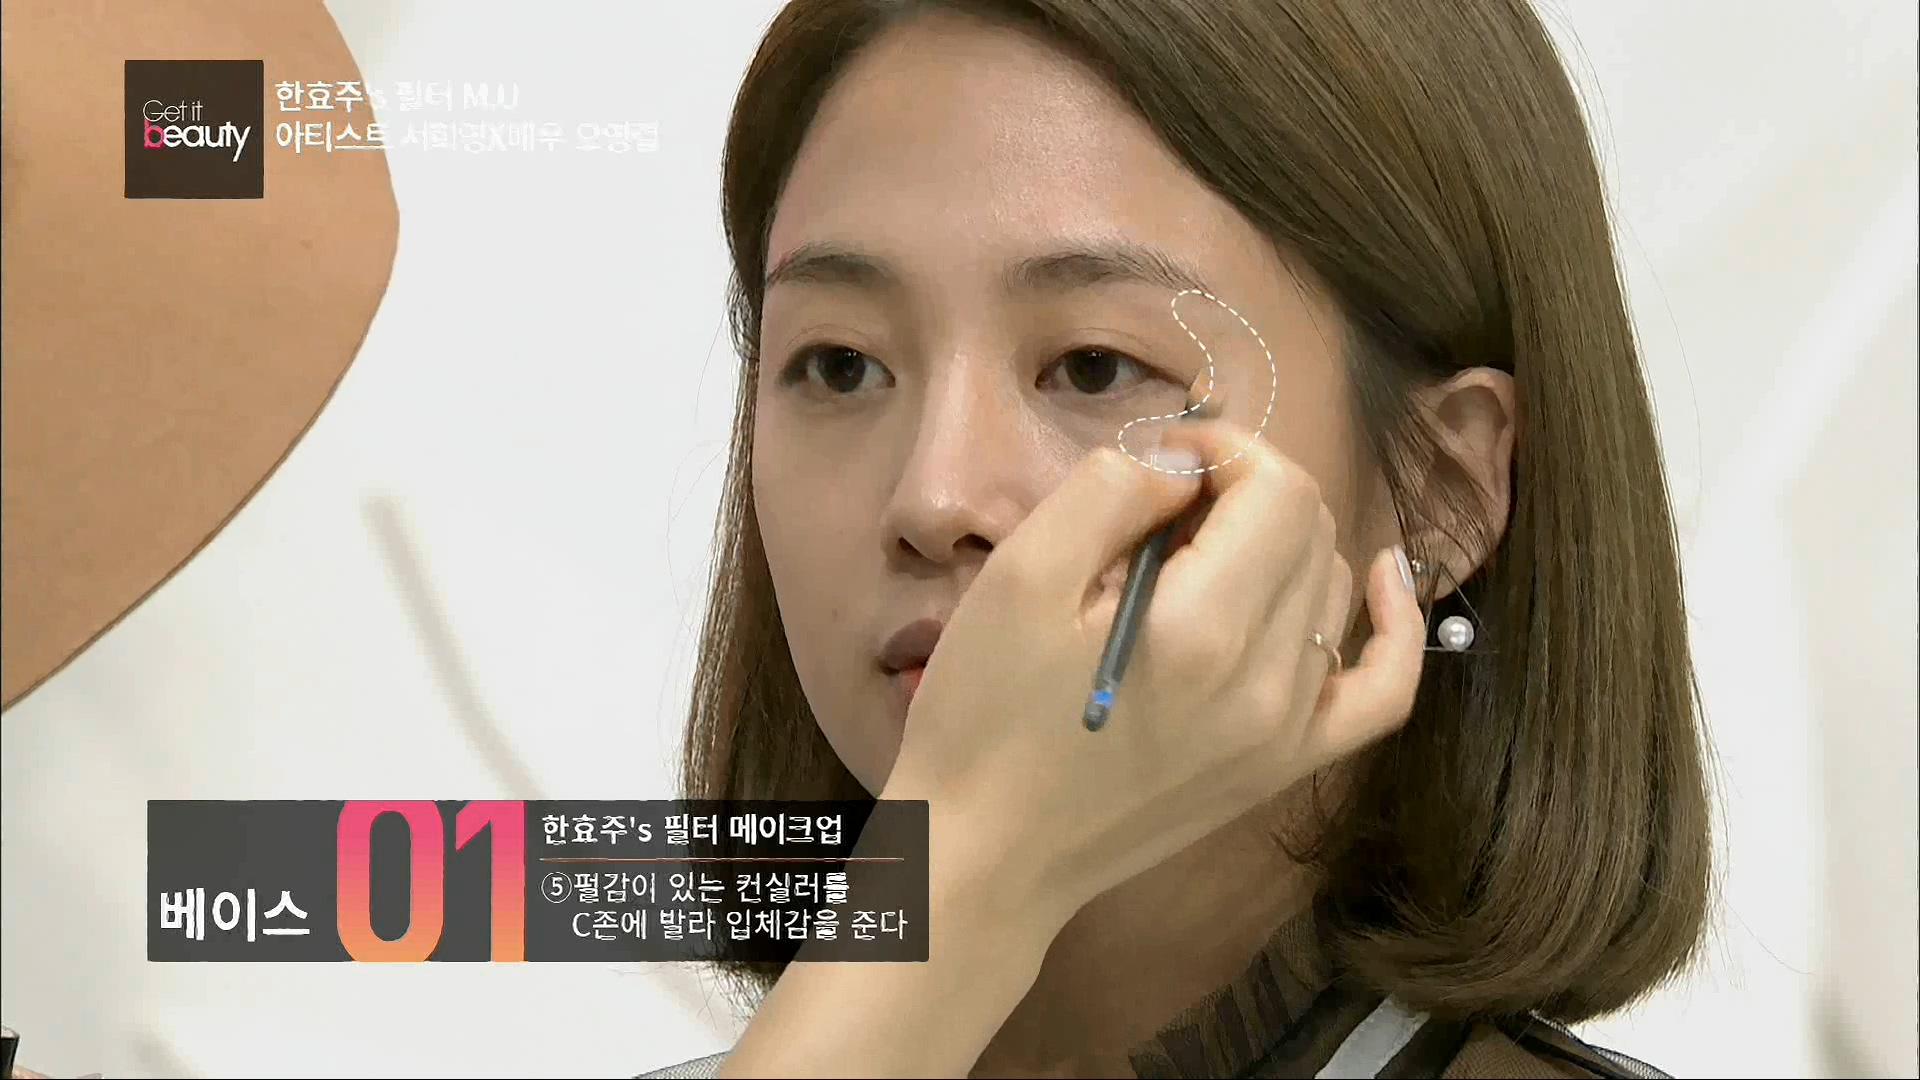 한효주's 필터 메이크업 #베이스 펄감이 있는 컨실러를 c존에 발라 입체감을 준다